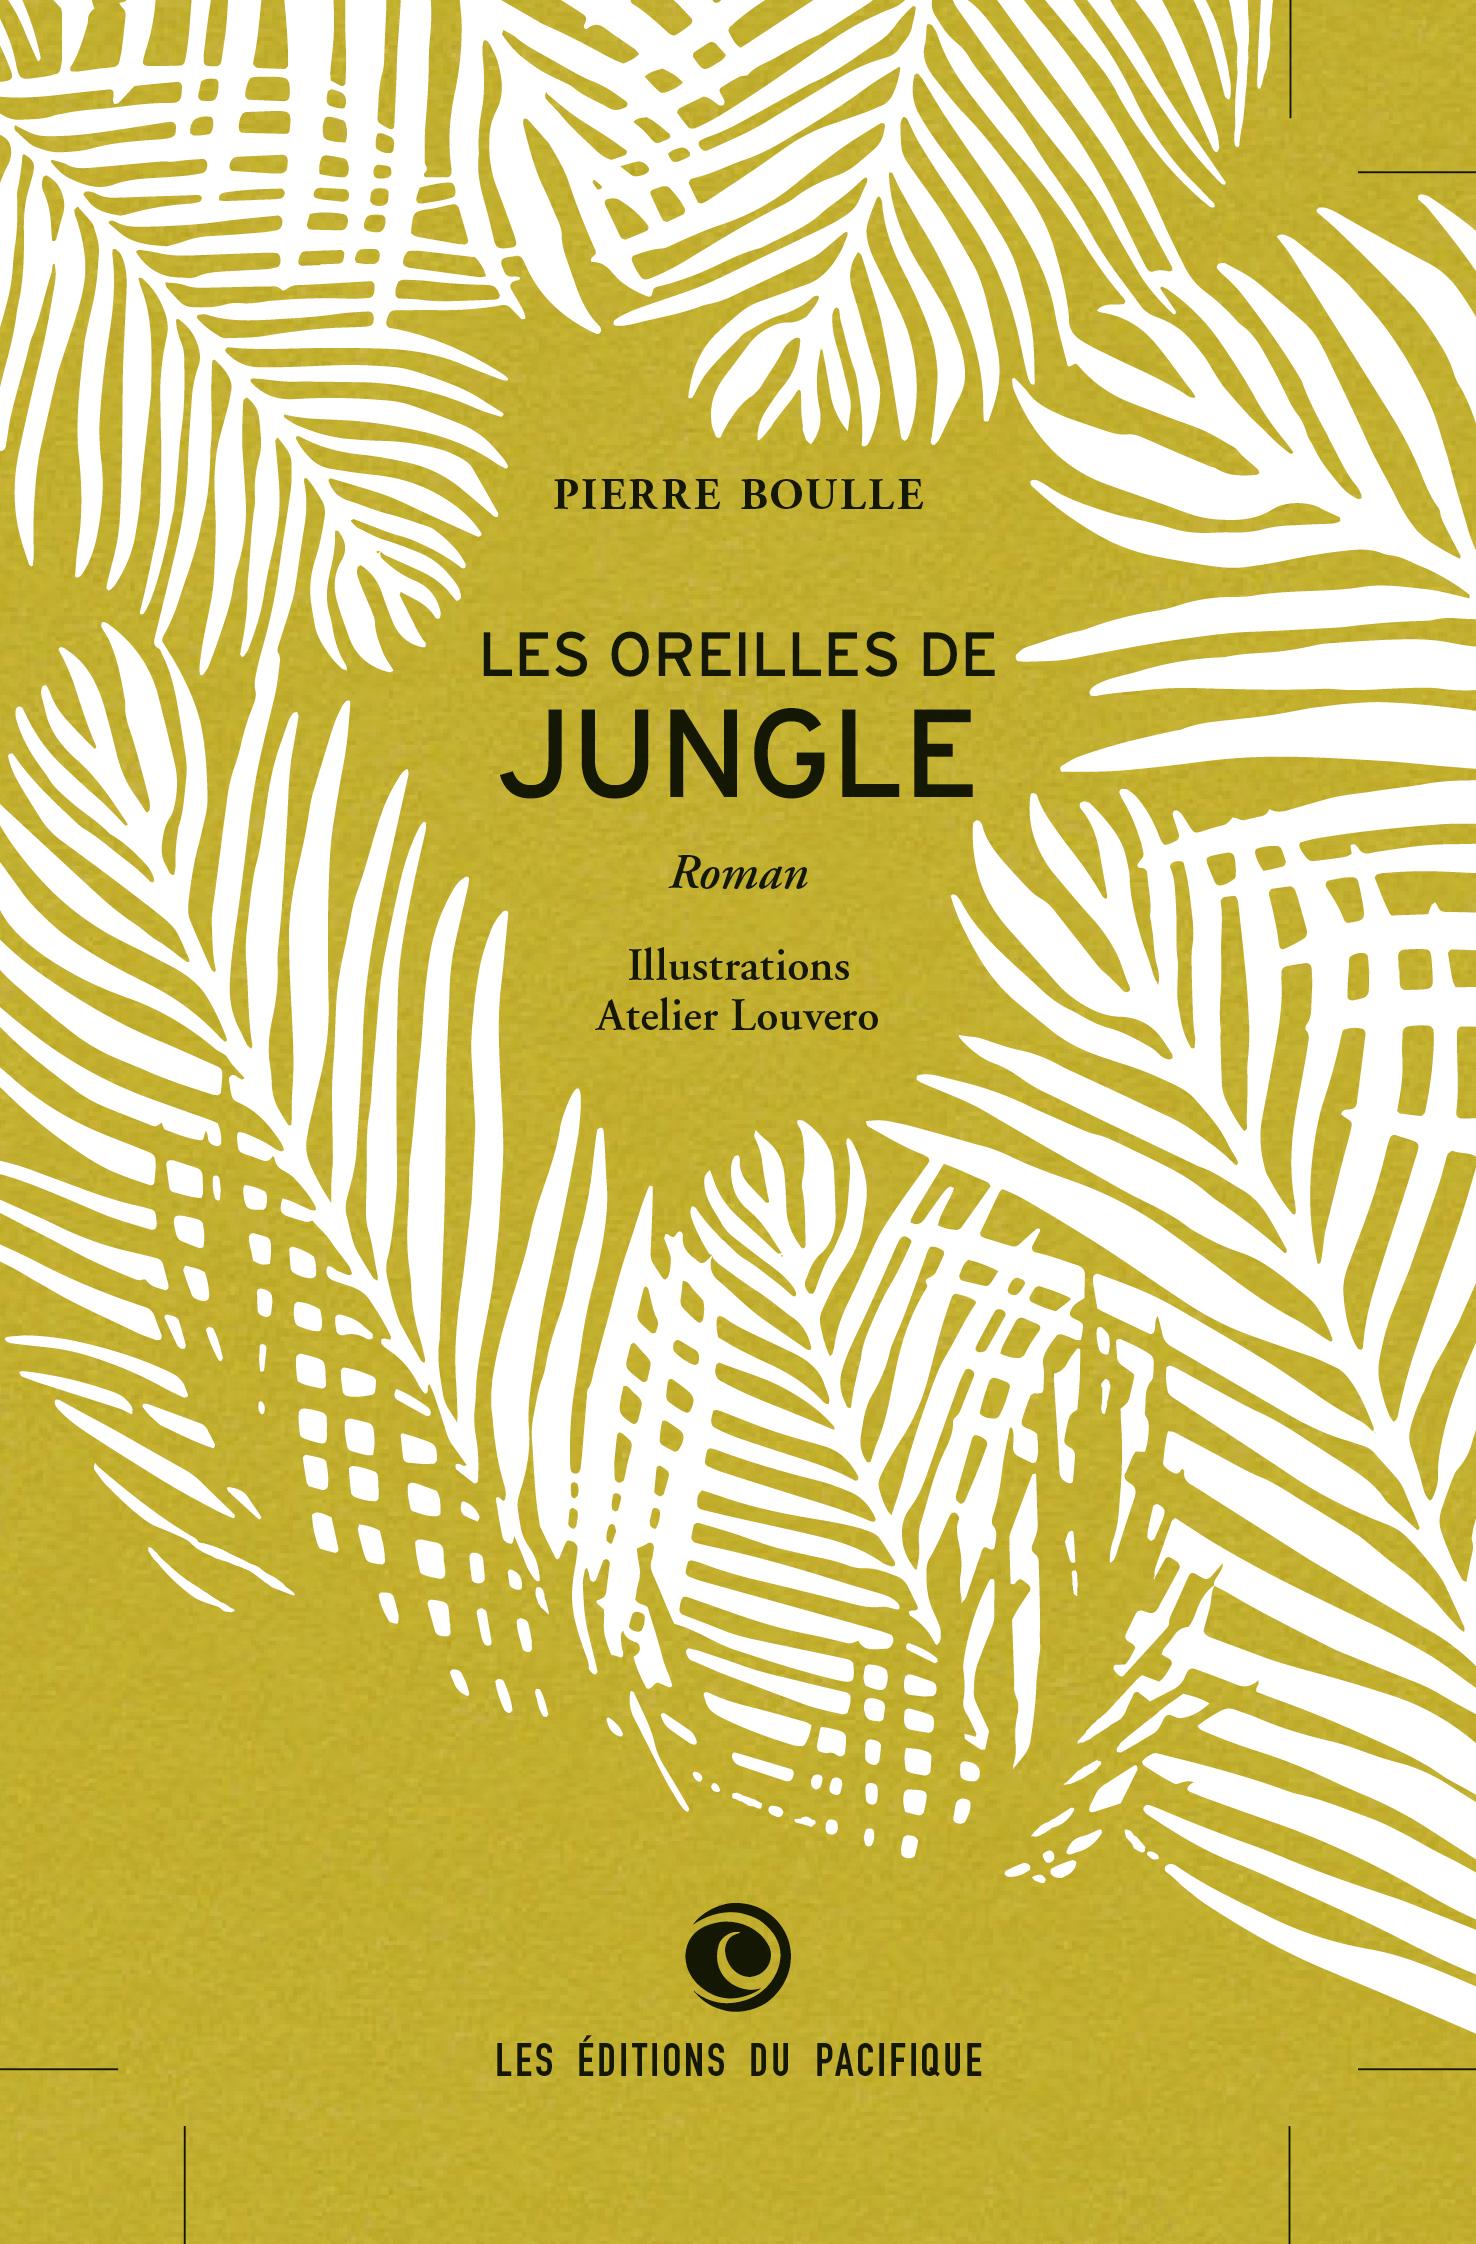 Les Oreilles de jungle - Pierre Boulle.